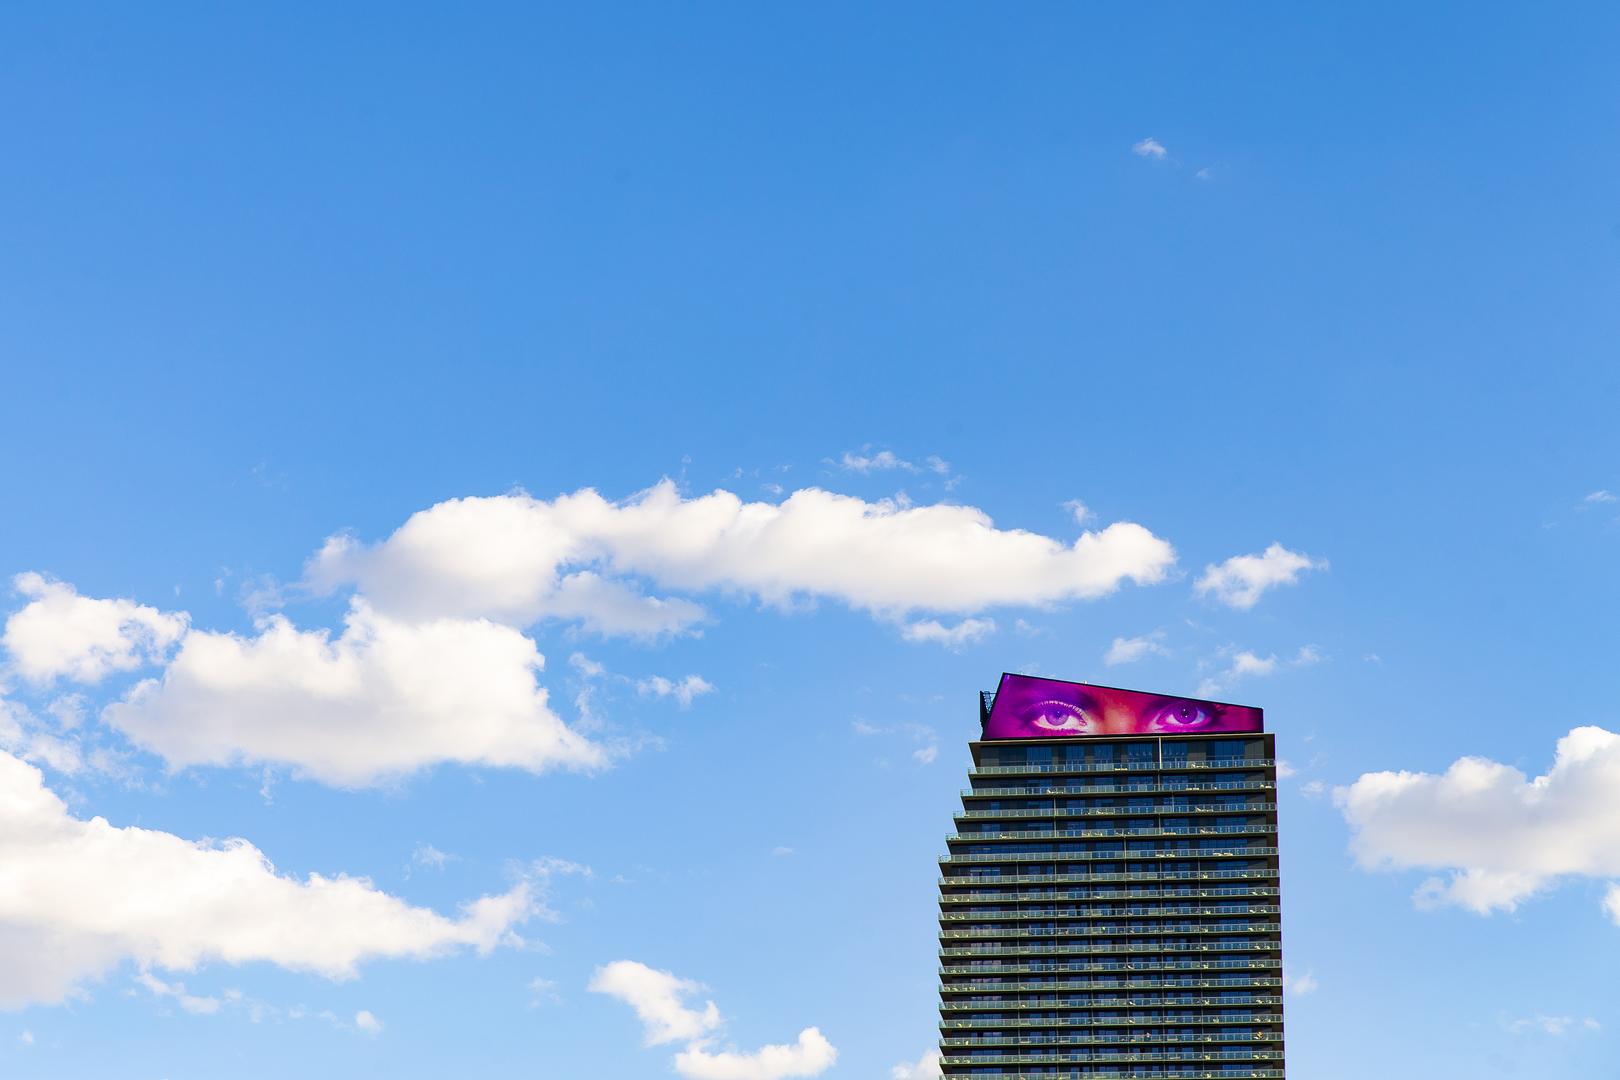 """Művészet – műalkotás vagy művészeti tevékenység ábrázolása, fotóriporteri eszközökkel (sorozat)<br />2. díj: Kurucz Árpád (Magyar Idők): Üres formák<br /><br />Fotó: Las Vegas (spanyolul: """"A rét"""") az amerikai Nevada állam legnépesebb városa, Clark megye székhelye, és egyben a világ egyik legnagyobb szórakoztatási, bevásárlási és szerencsejáték-központja. Mint ahogy beceneve (""""A világ szórakoztató központja"""") is jelzi, a város otthont ad rengeteg kaszinónak, és ehhez kapcsolódó szórakoztatási egységnek. Jelenleg az Amerikai Egyesült Államok 28. legnépesebb városa, mintegy 599 087 becsült lakossal."""